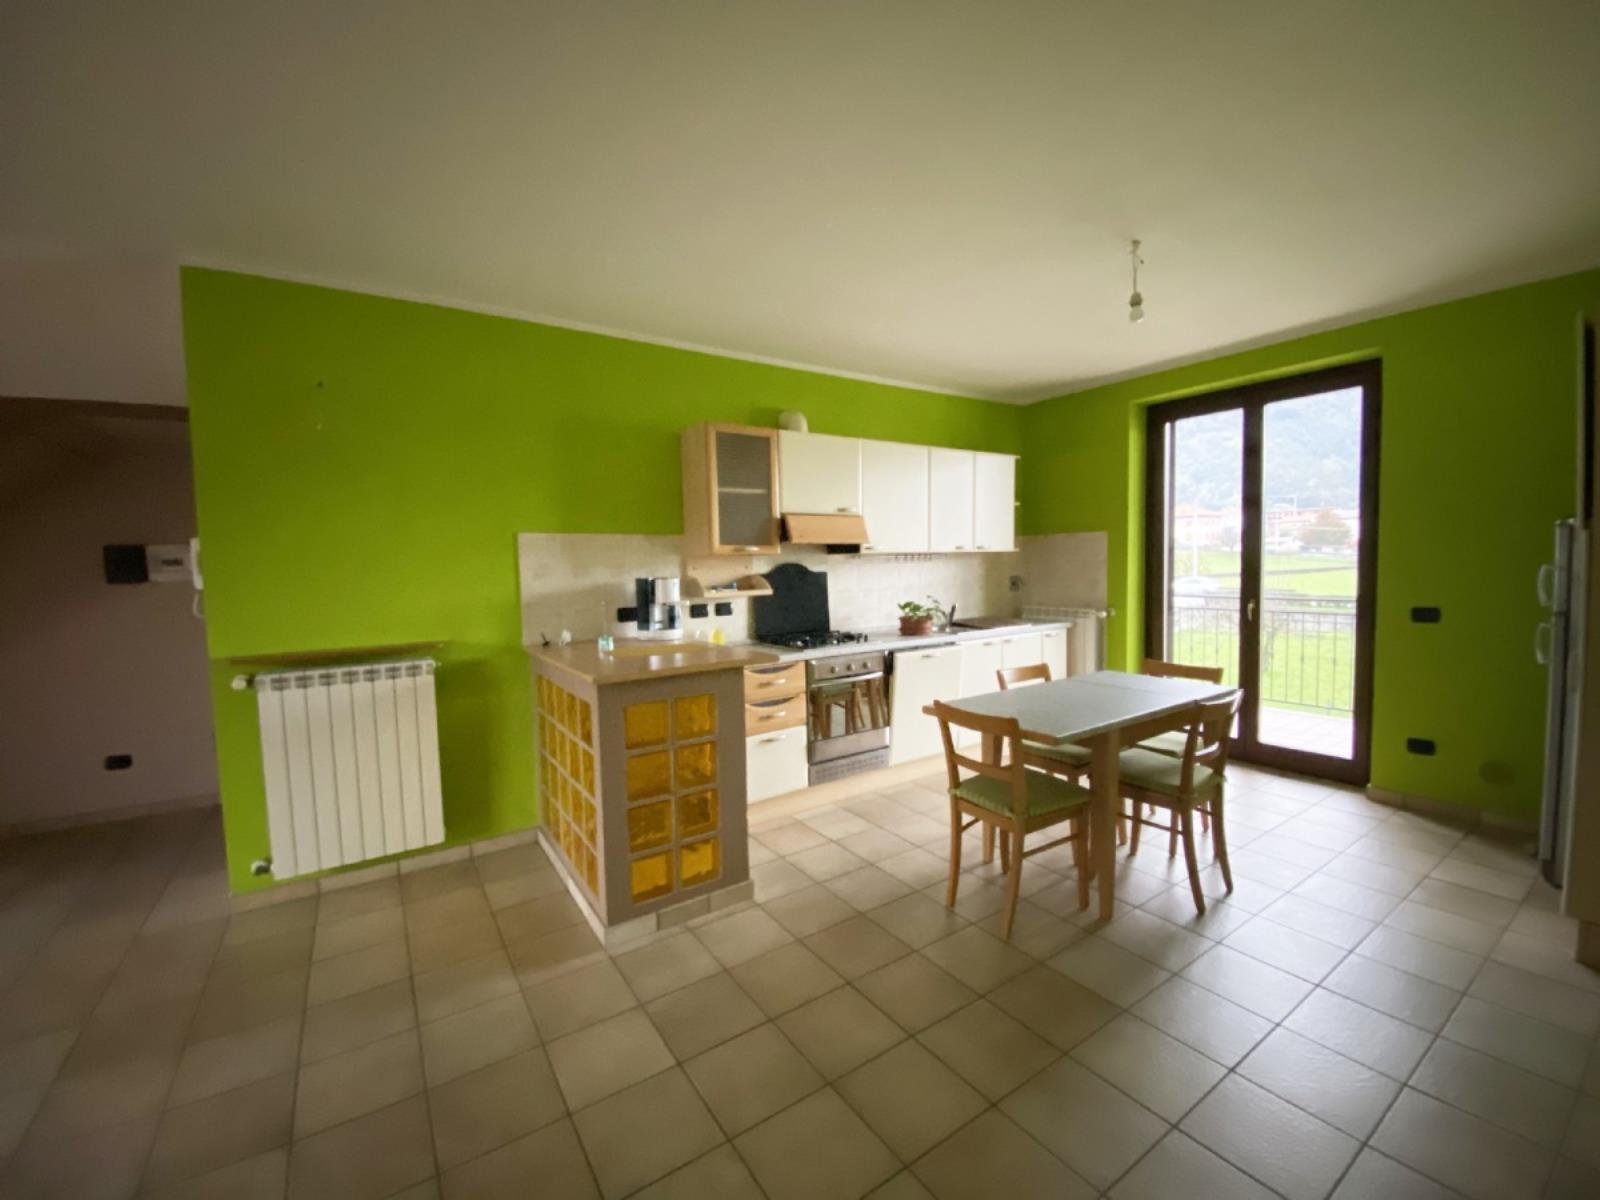 Vendita appartamento su due livelli di 90 m2, Lessolo (TO ...